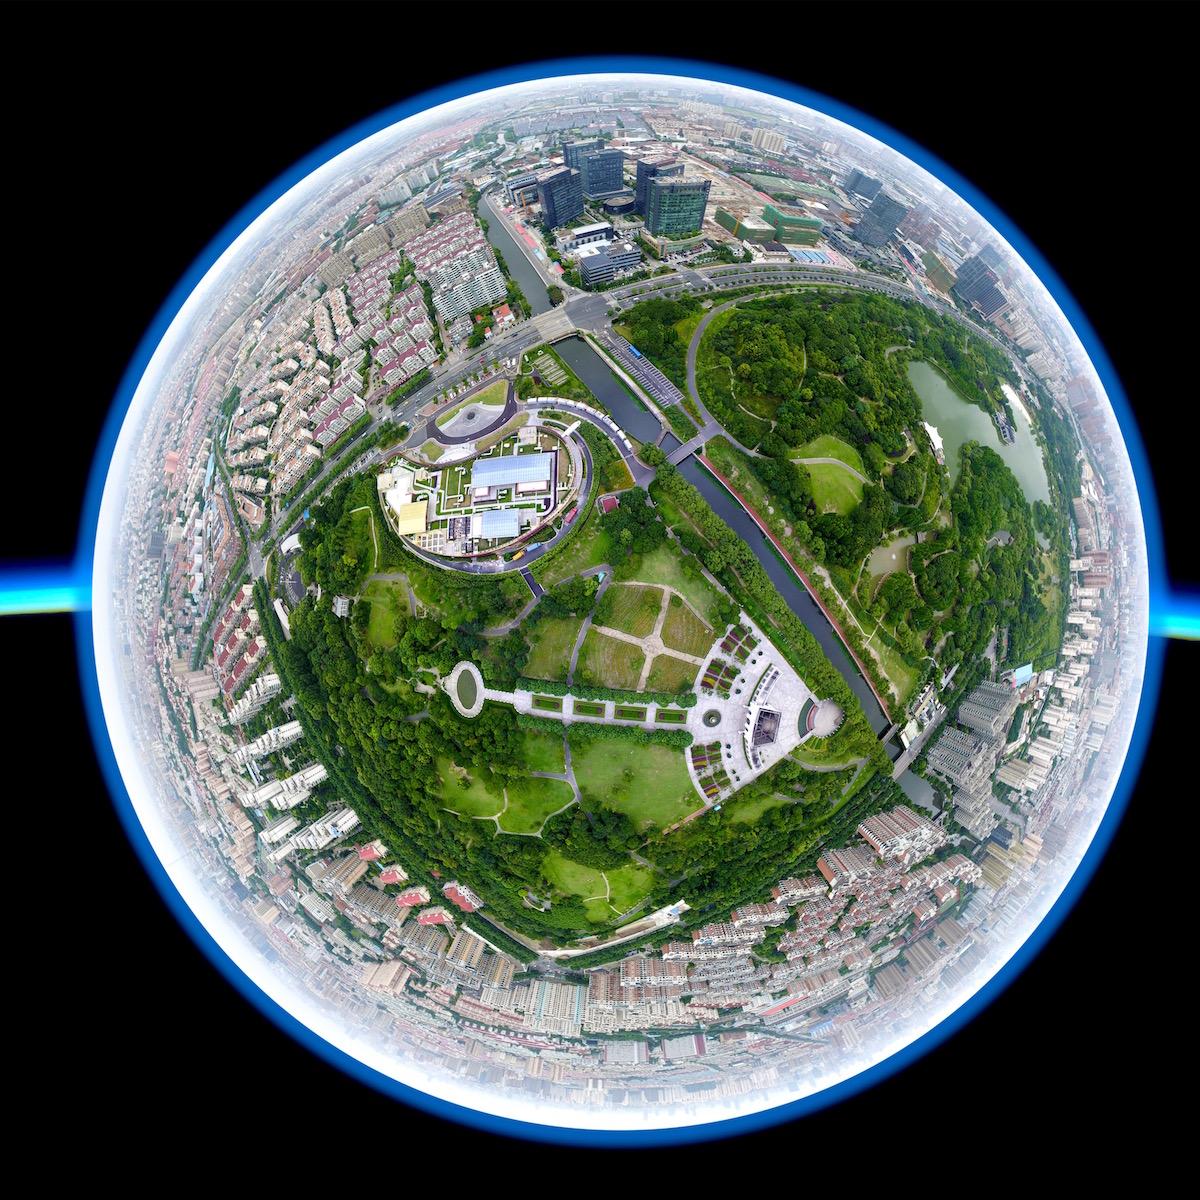 DJI_0214 Panorama副本.jpg